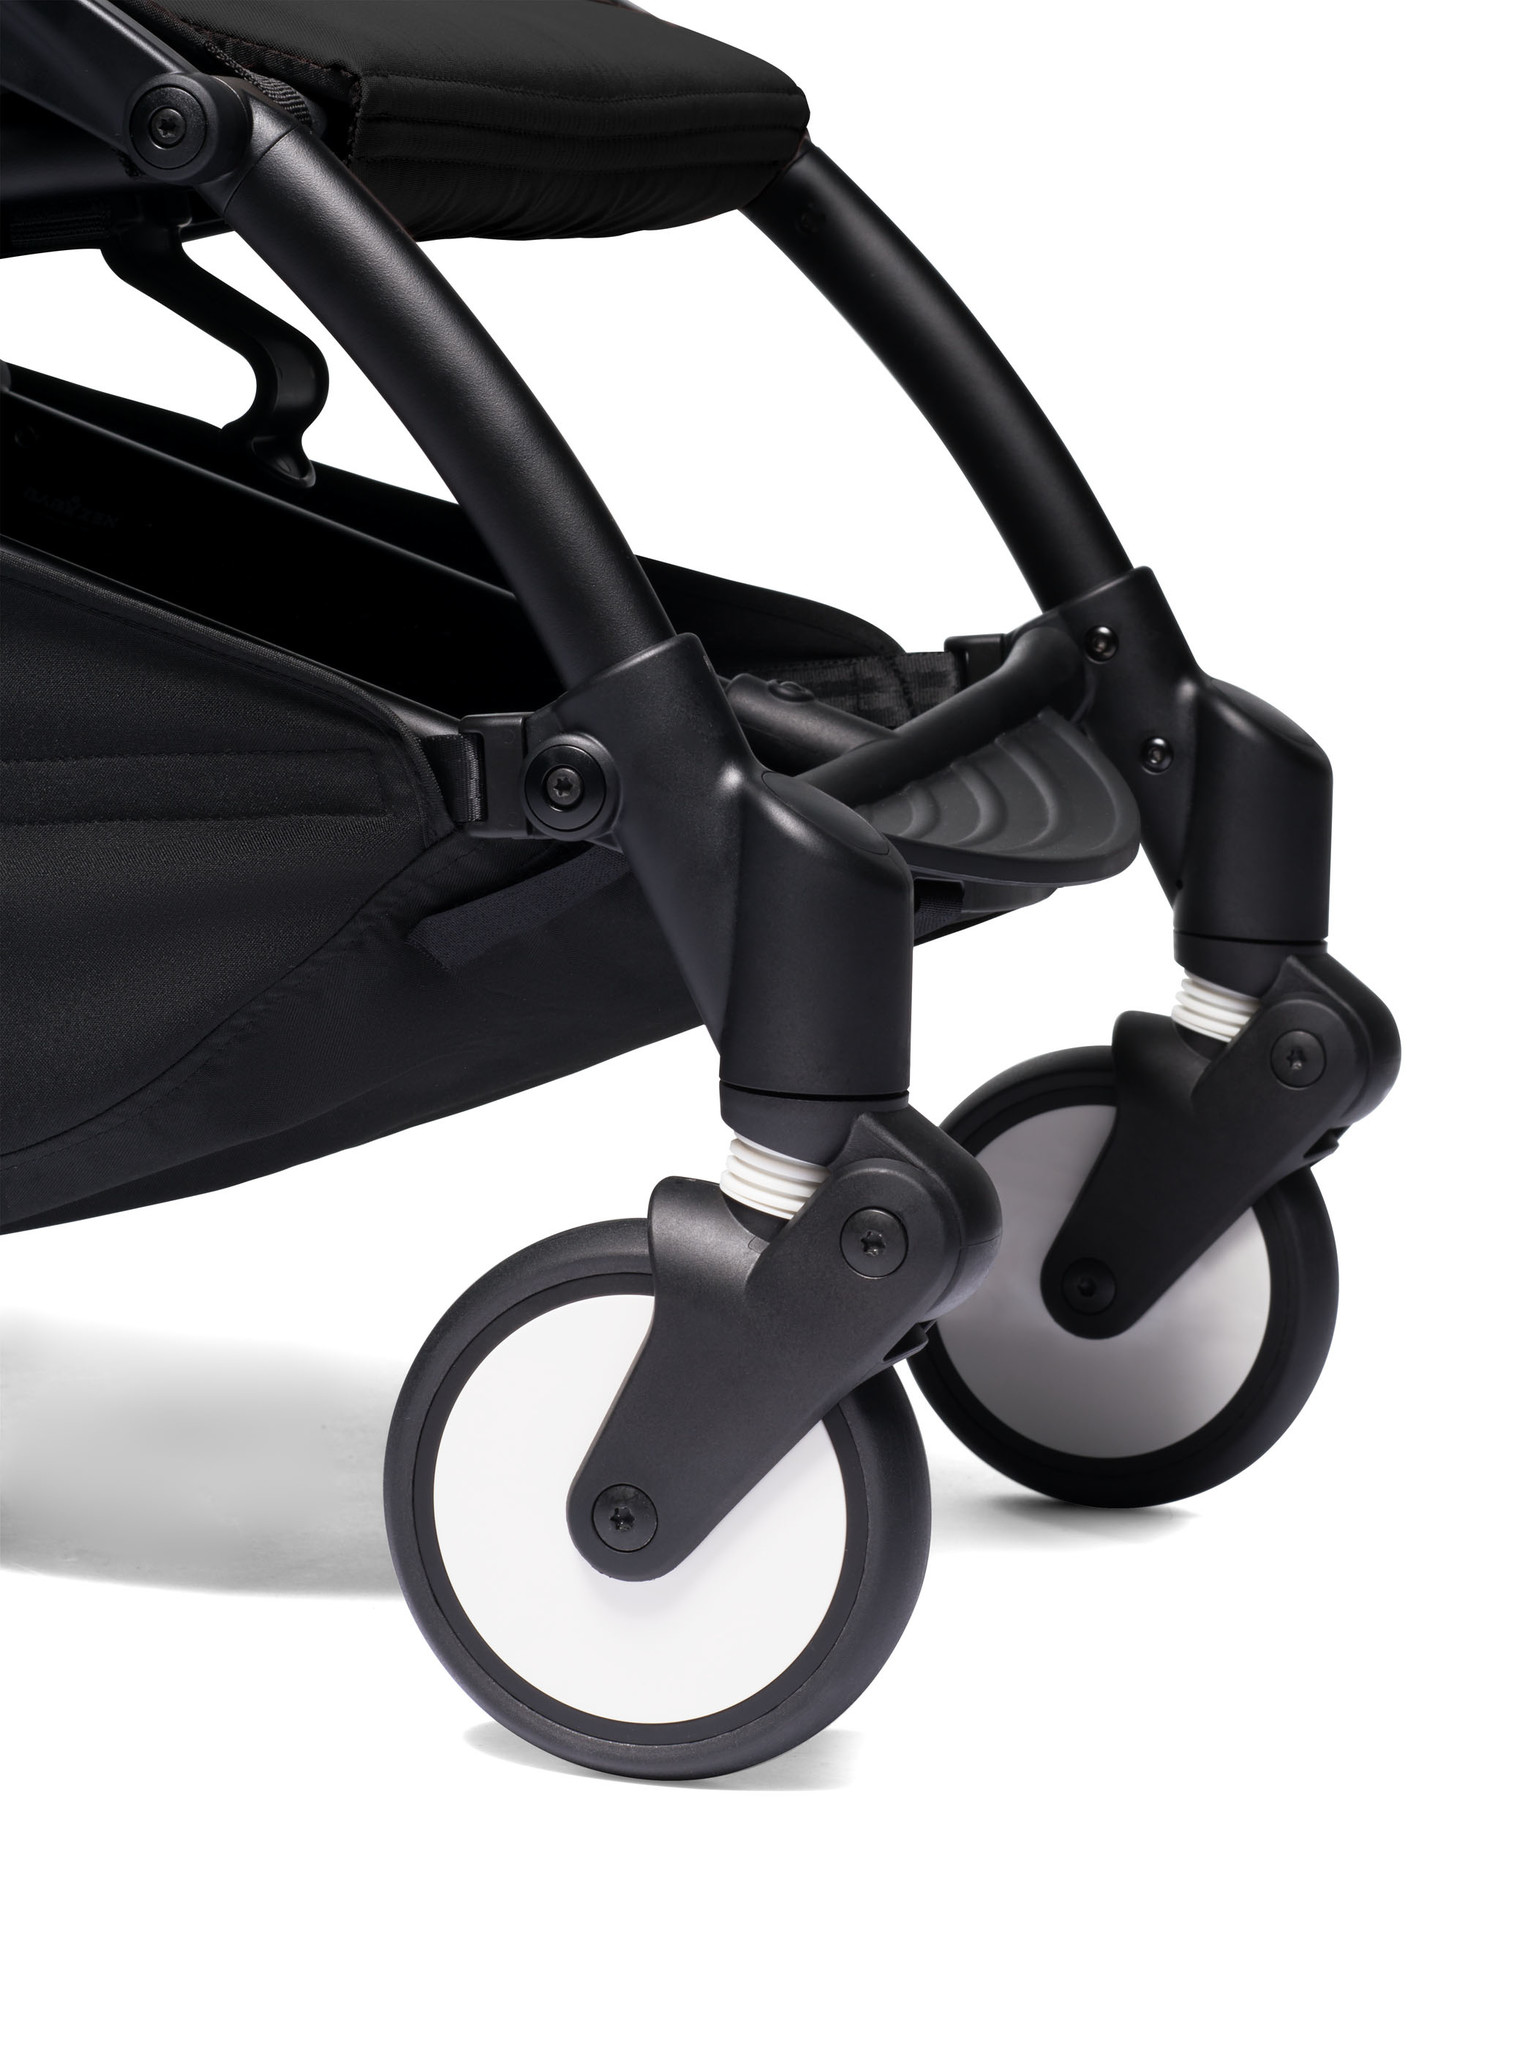 Babyzen Babyzen YOYO² Buggy VOLLSTÄNDIG von Geburt an und inklusive YOYO Bag - schwarz mit schwarzem Rahmen